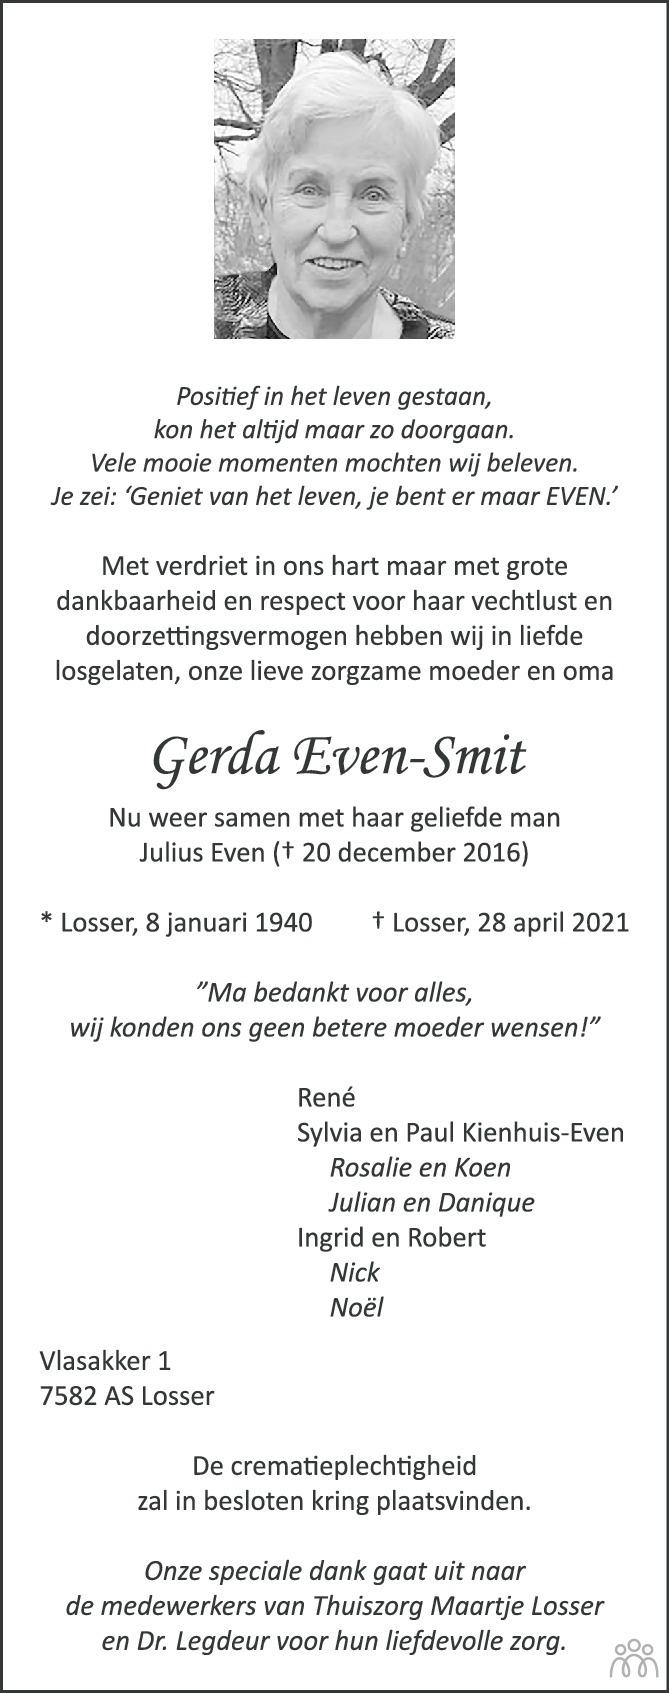 Overlijdensbericht van Gerda Even-Smit in Tubantia